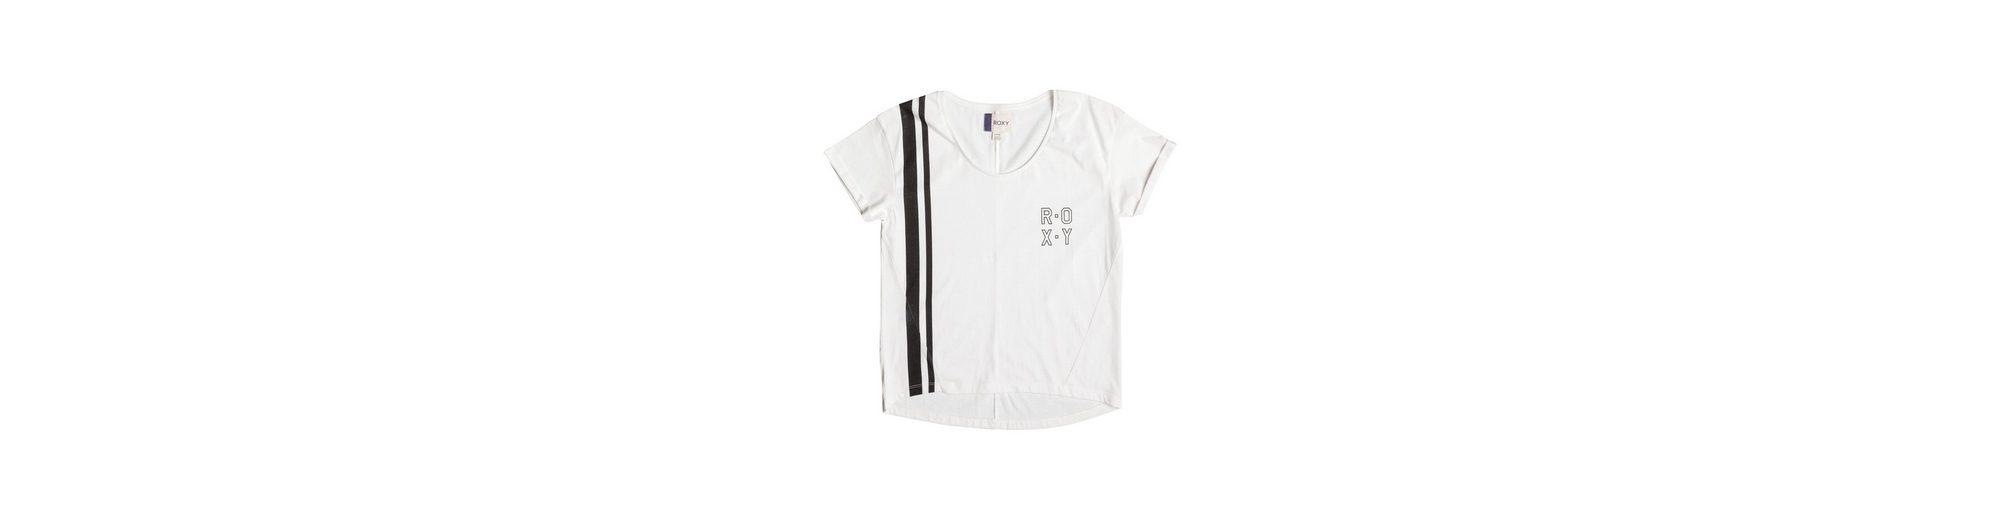 Roxy T-Shirt The Backflip B Billig Verkauf Erstaunlicher Preis Günstigste Preis Verkauf Online Großhandel Qualität Wie Viel Günstigen Preis eM0rBi